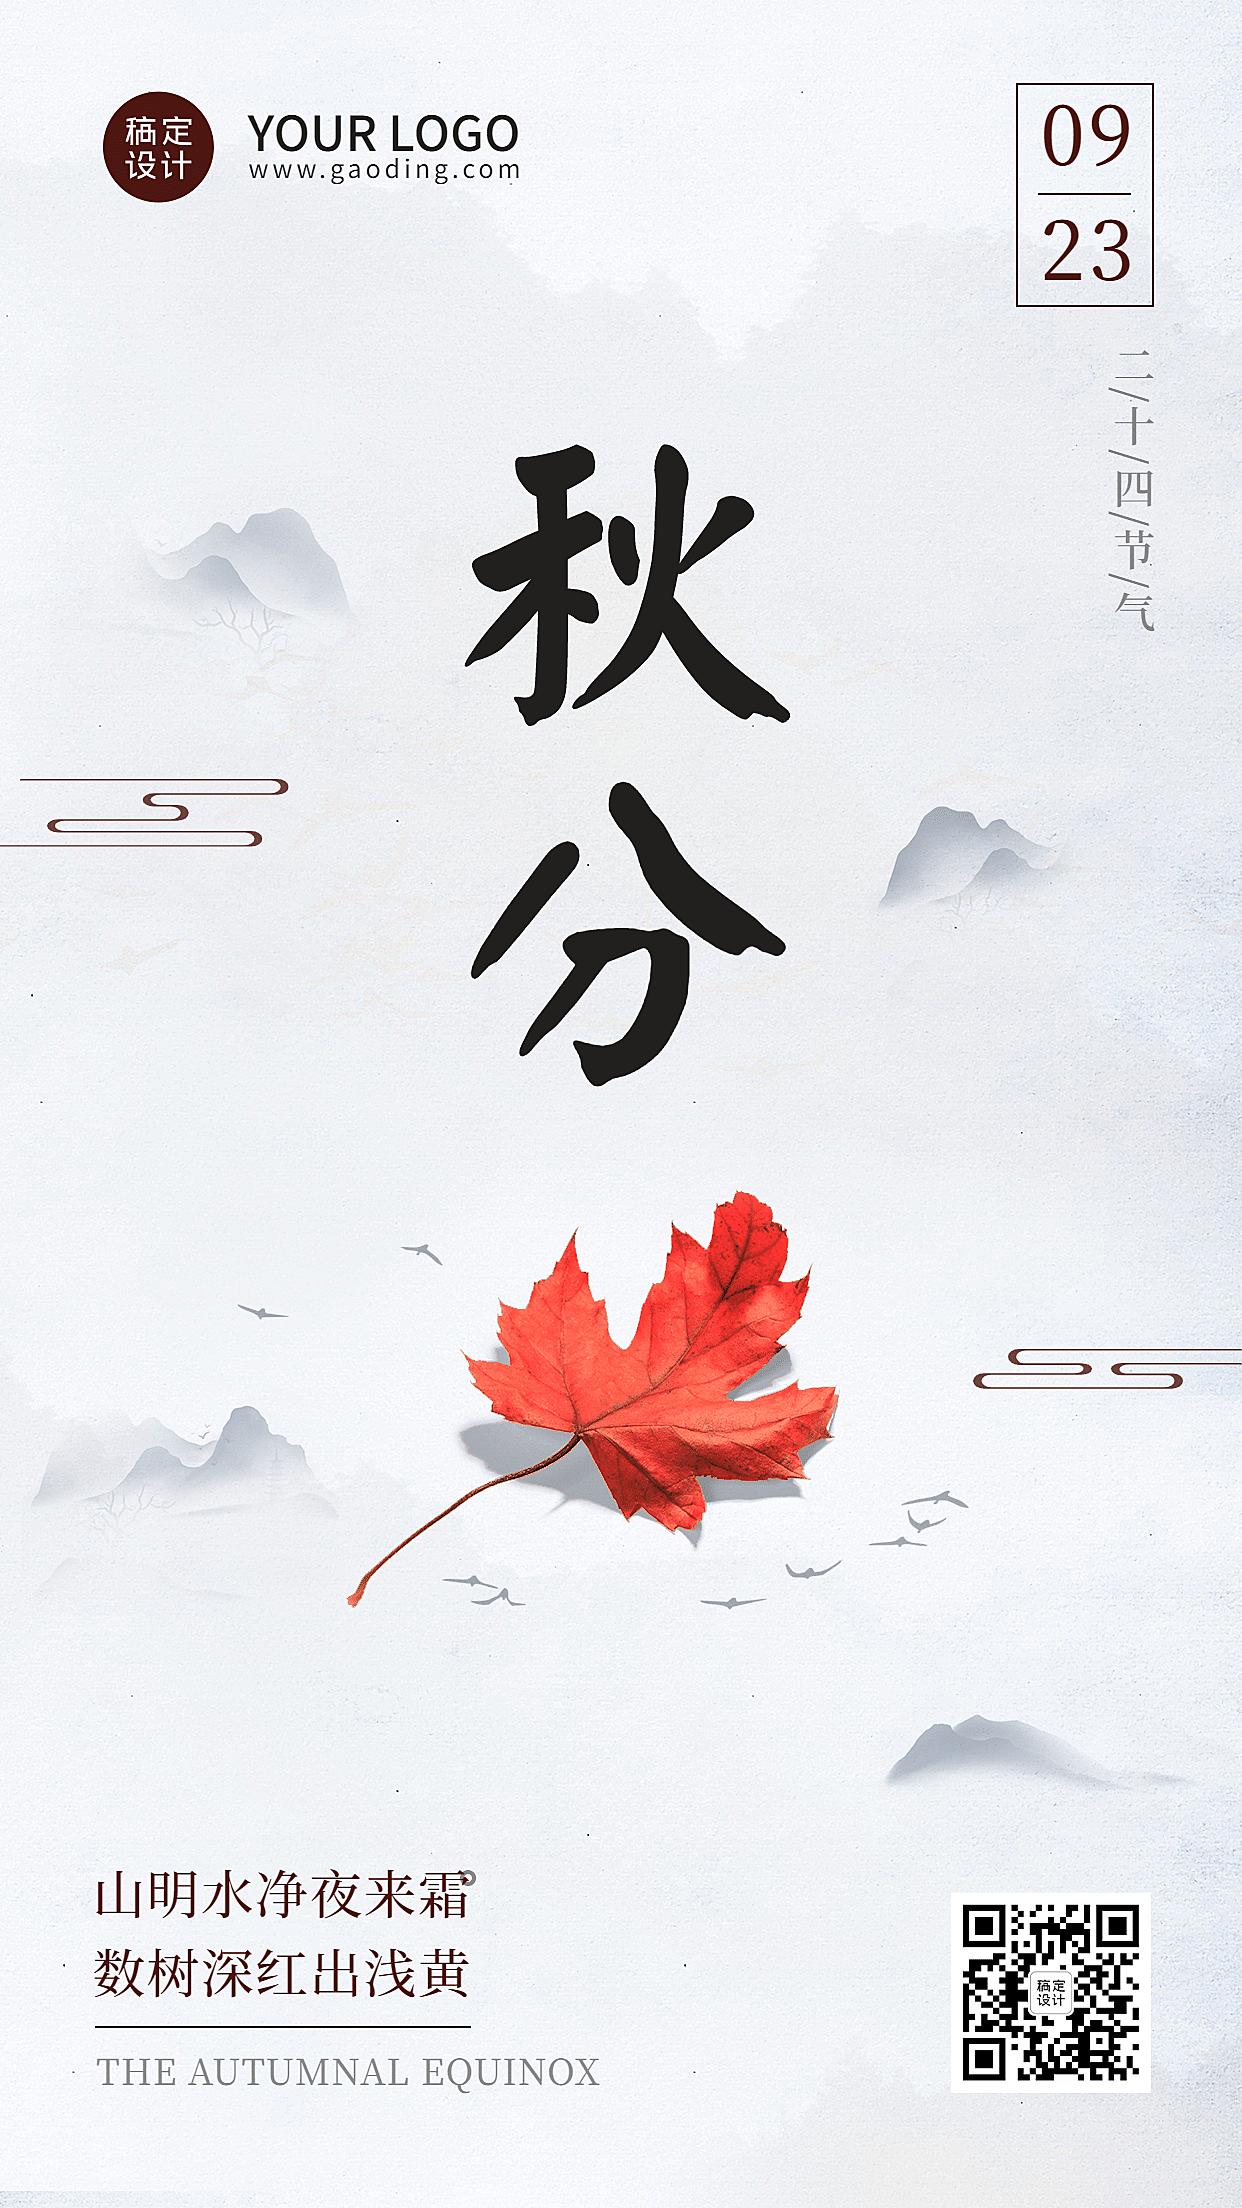 秋分节气简洁山水画祝福手机海报